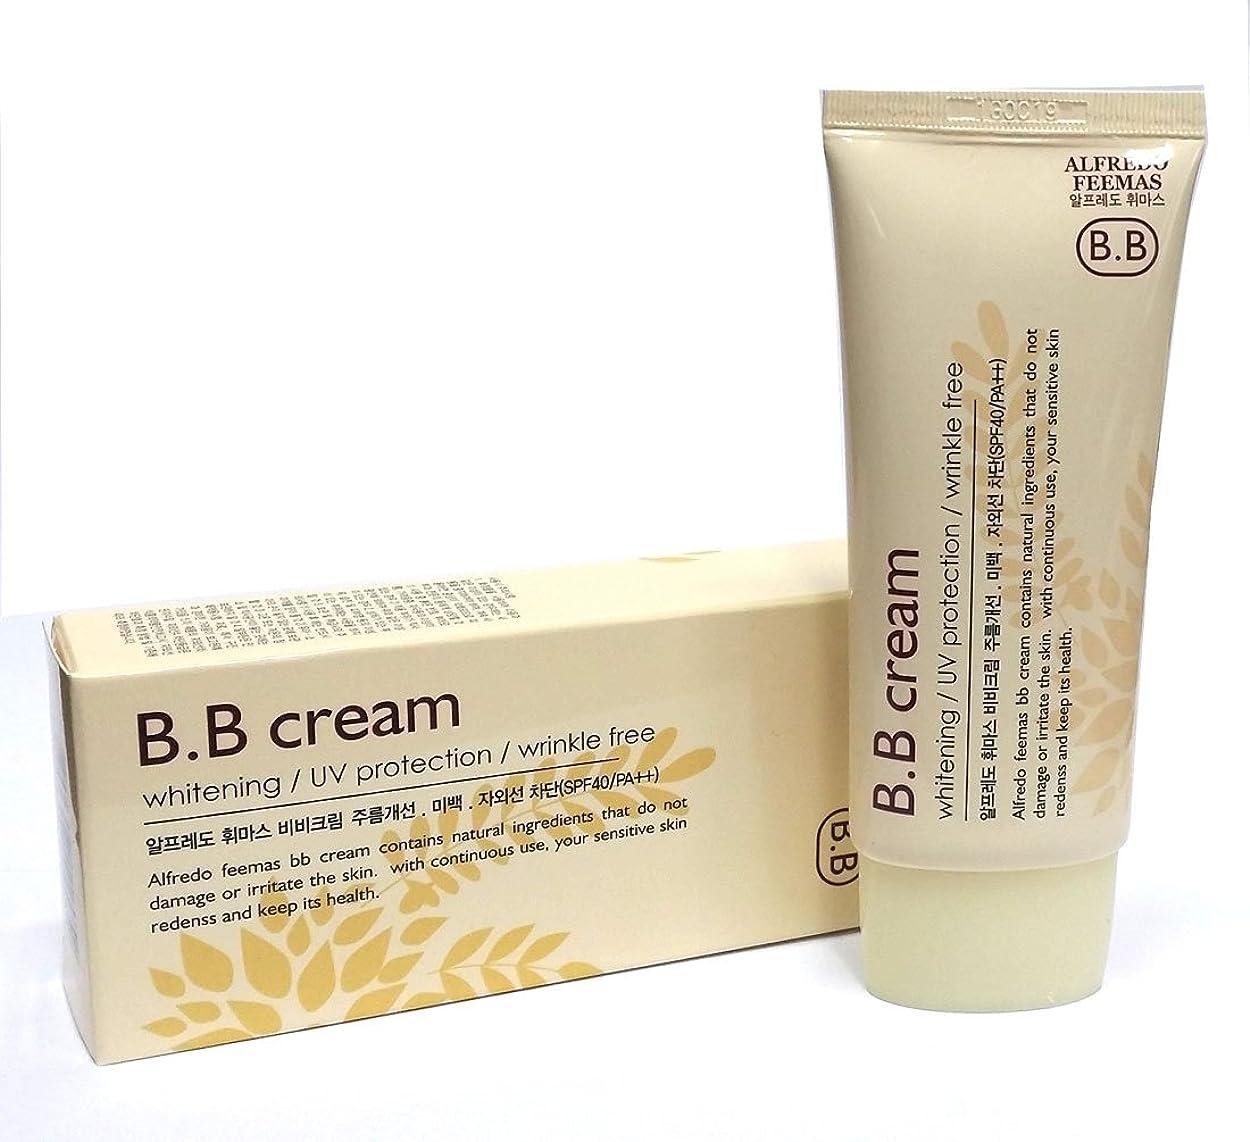 細部次へ整然としたアルフレッドフェイマスBBクリーム50ml X 1ea / Alfredo feemas BB cream 50ml X 1ea / ホワイトニング、しわ、UVプロテクション(SPF40 PA ++)/ Whitening,Wrinkle free,UV protection (SPF40 PA++) / 韓国化粧品 / Korean Cosmetics [並行輸入品]